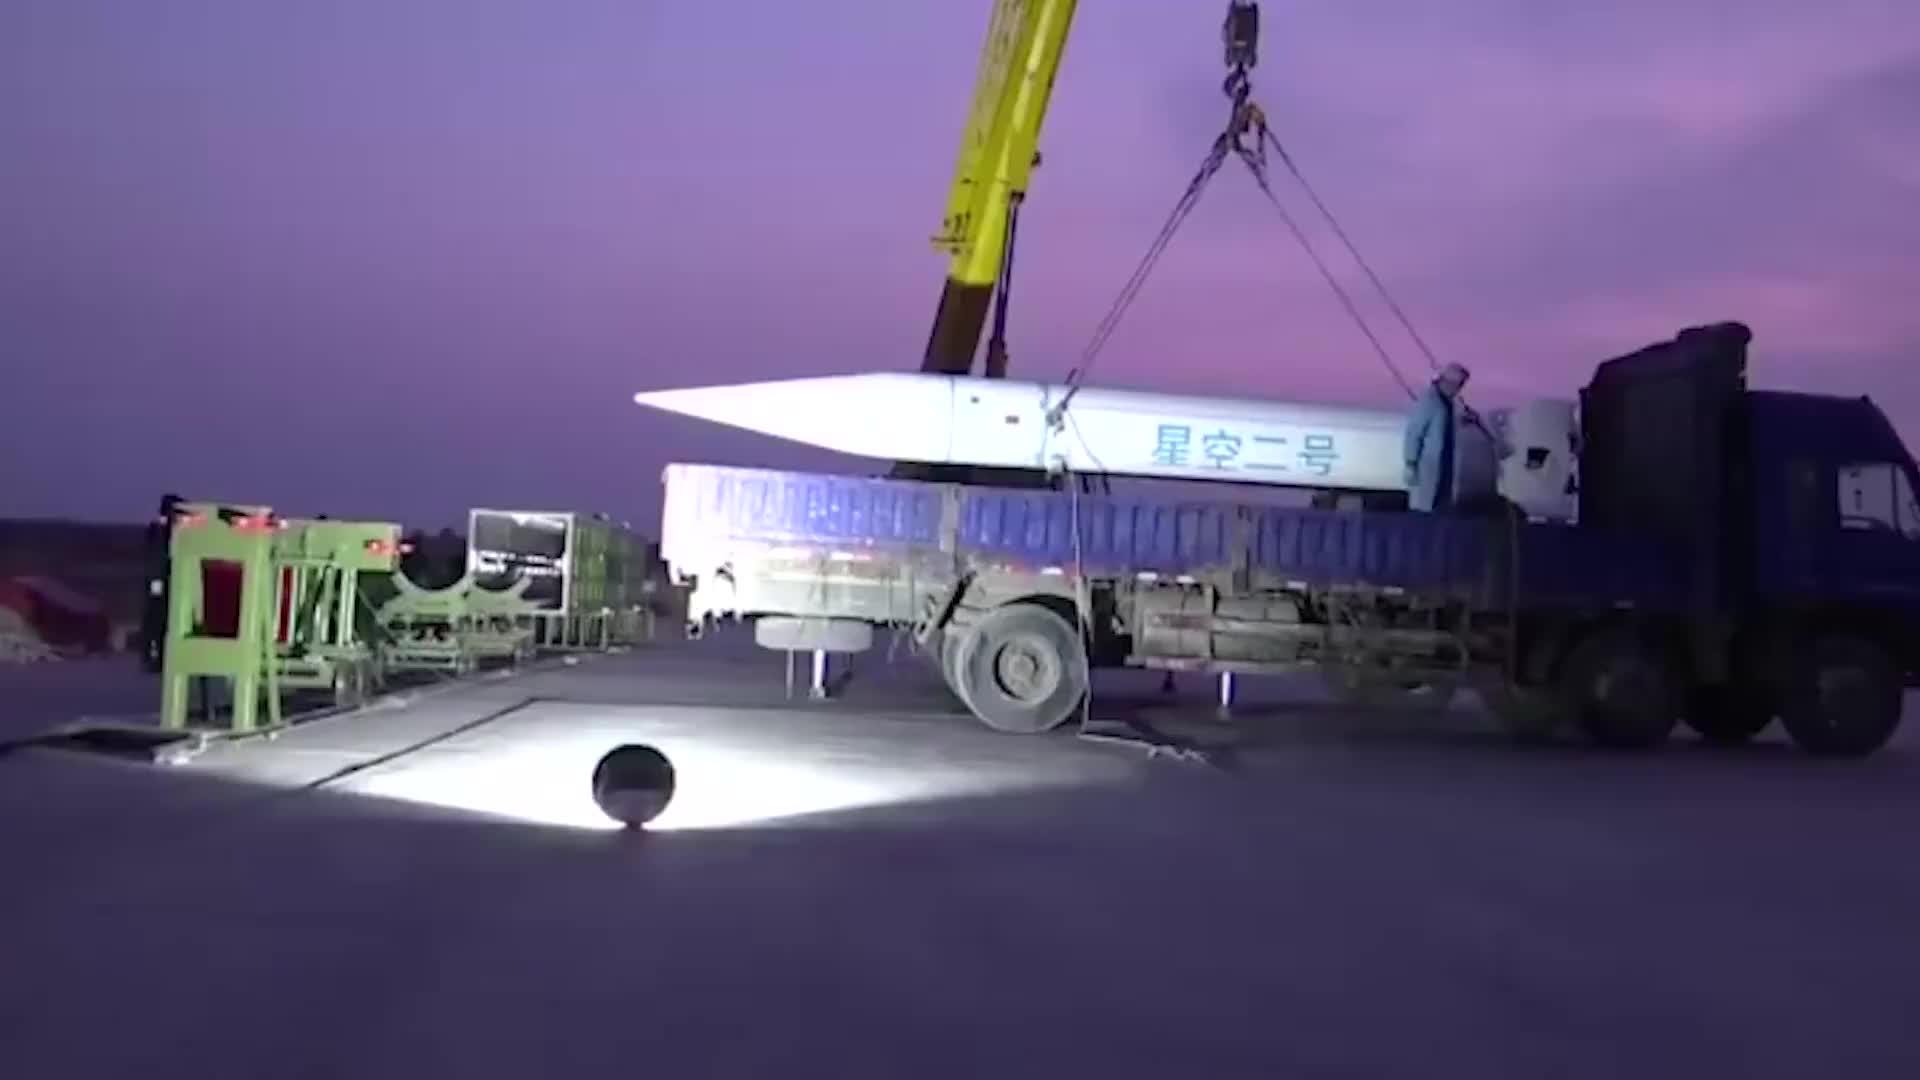 [视频]官方大尺度公开高超声速飞行器实弹试验